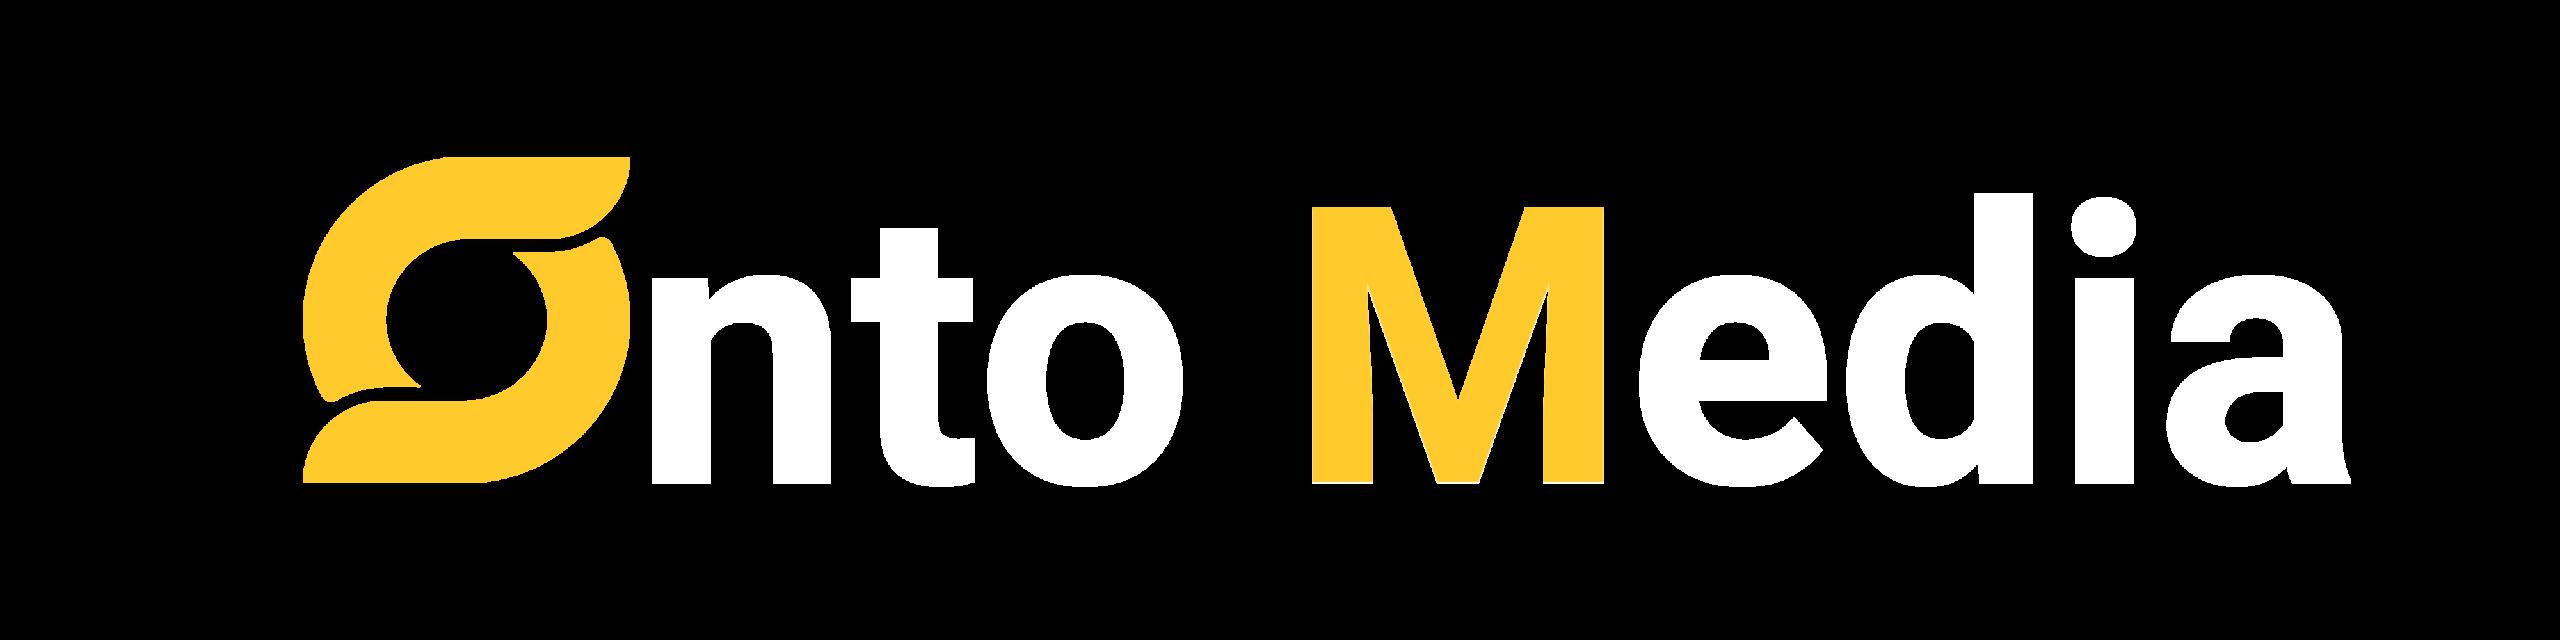 לוגו אונטו מדיה